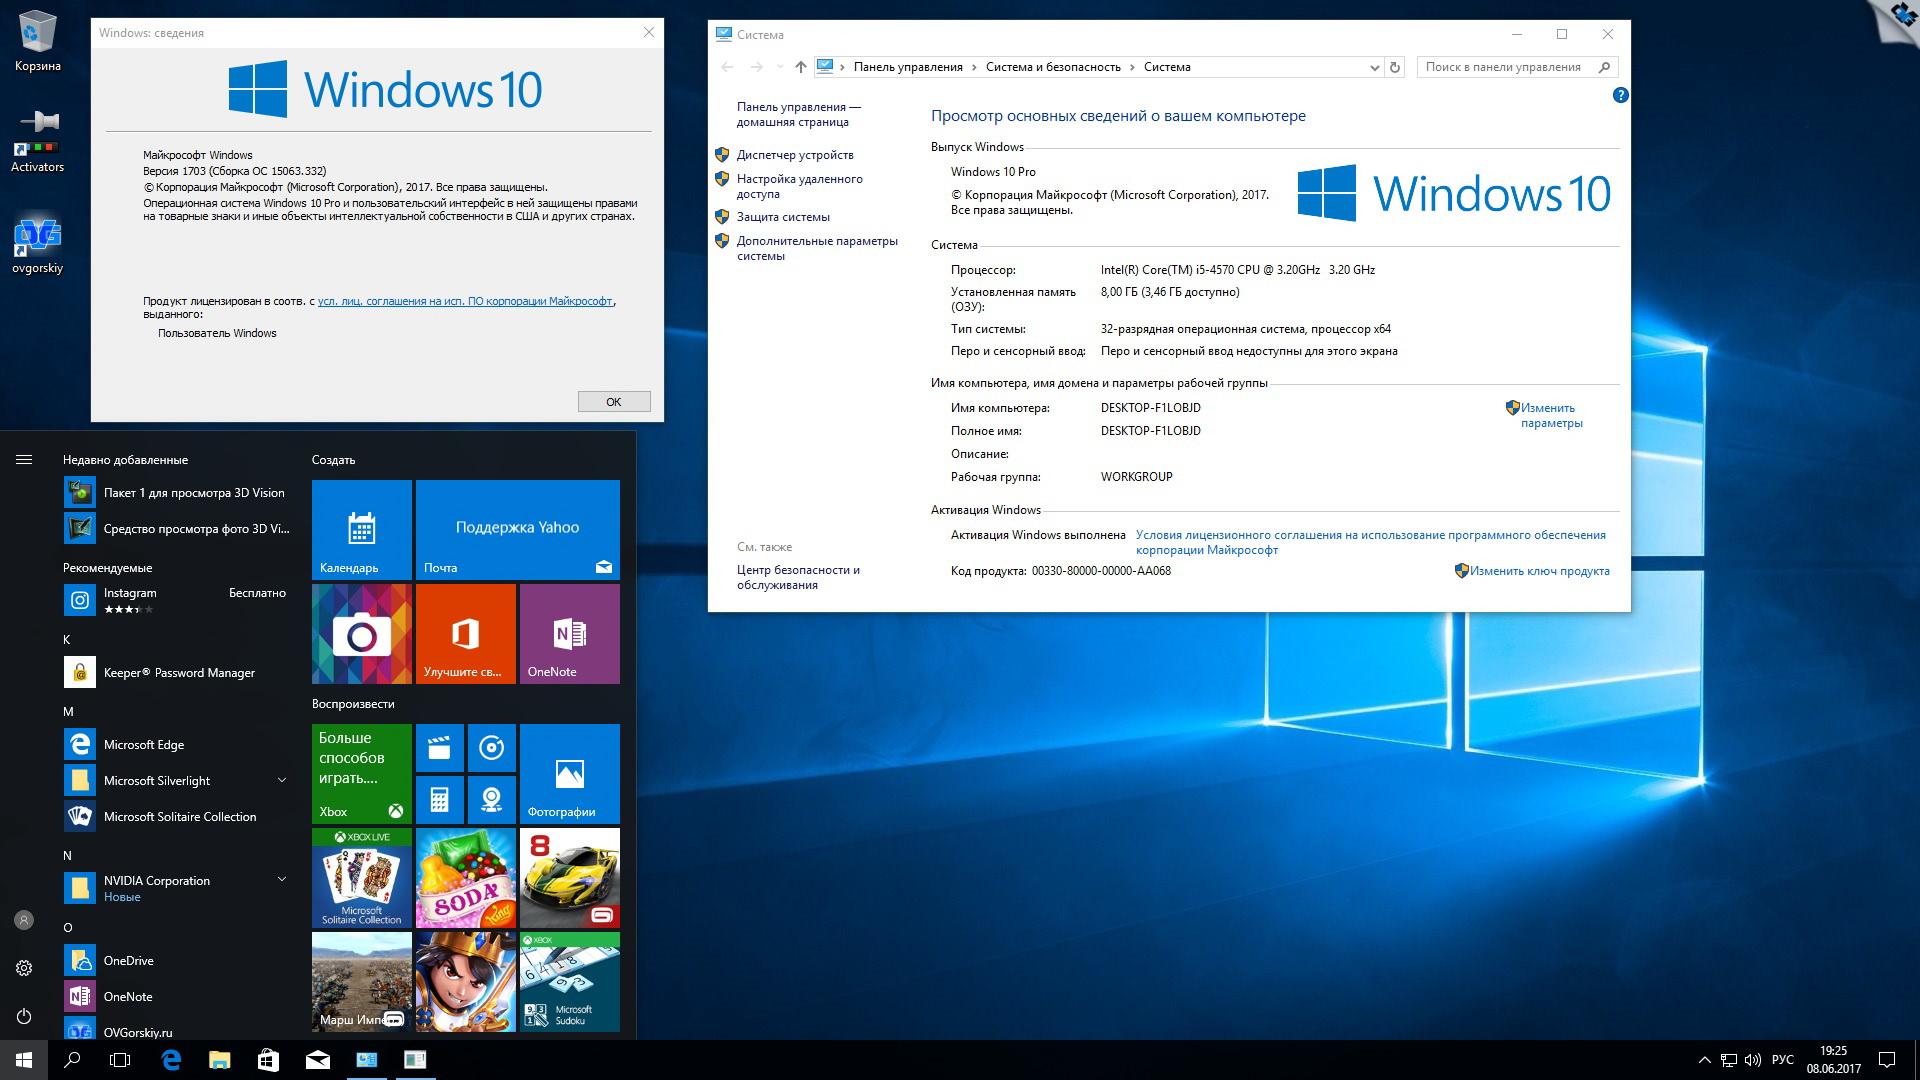 Microsoft Windows 10 x86/x64 Ru 1703 RS2 8in2 Orig-Upd 06.2017 by OVGorskiy® 2DVD (2017) Русский